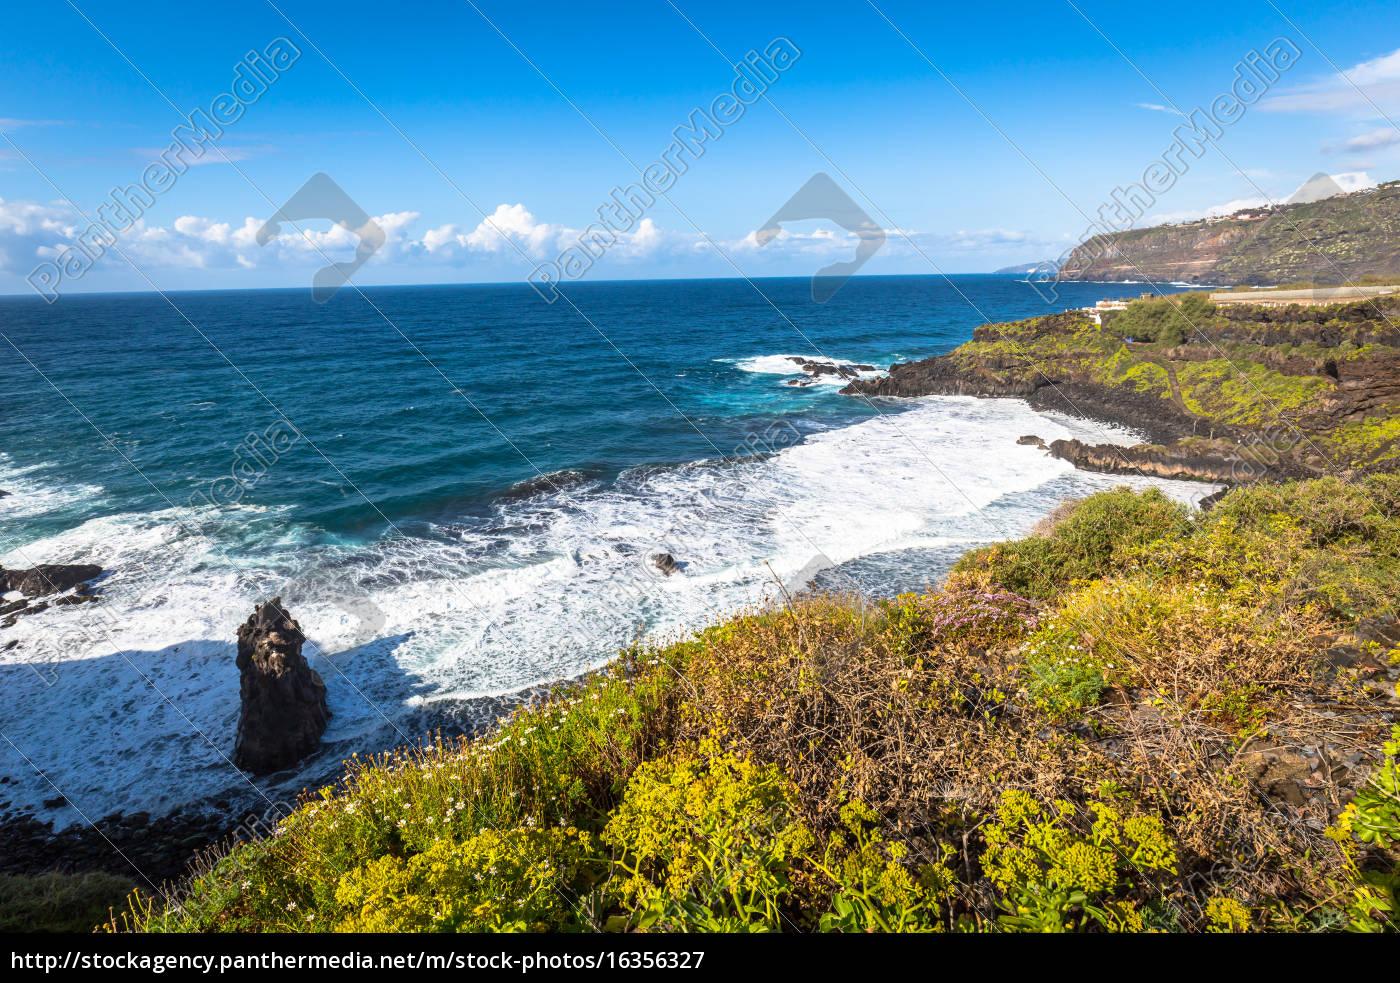 banana, plantation, on, canary, island, tenerife, spain - 16356327